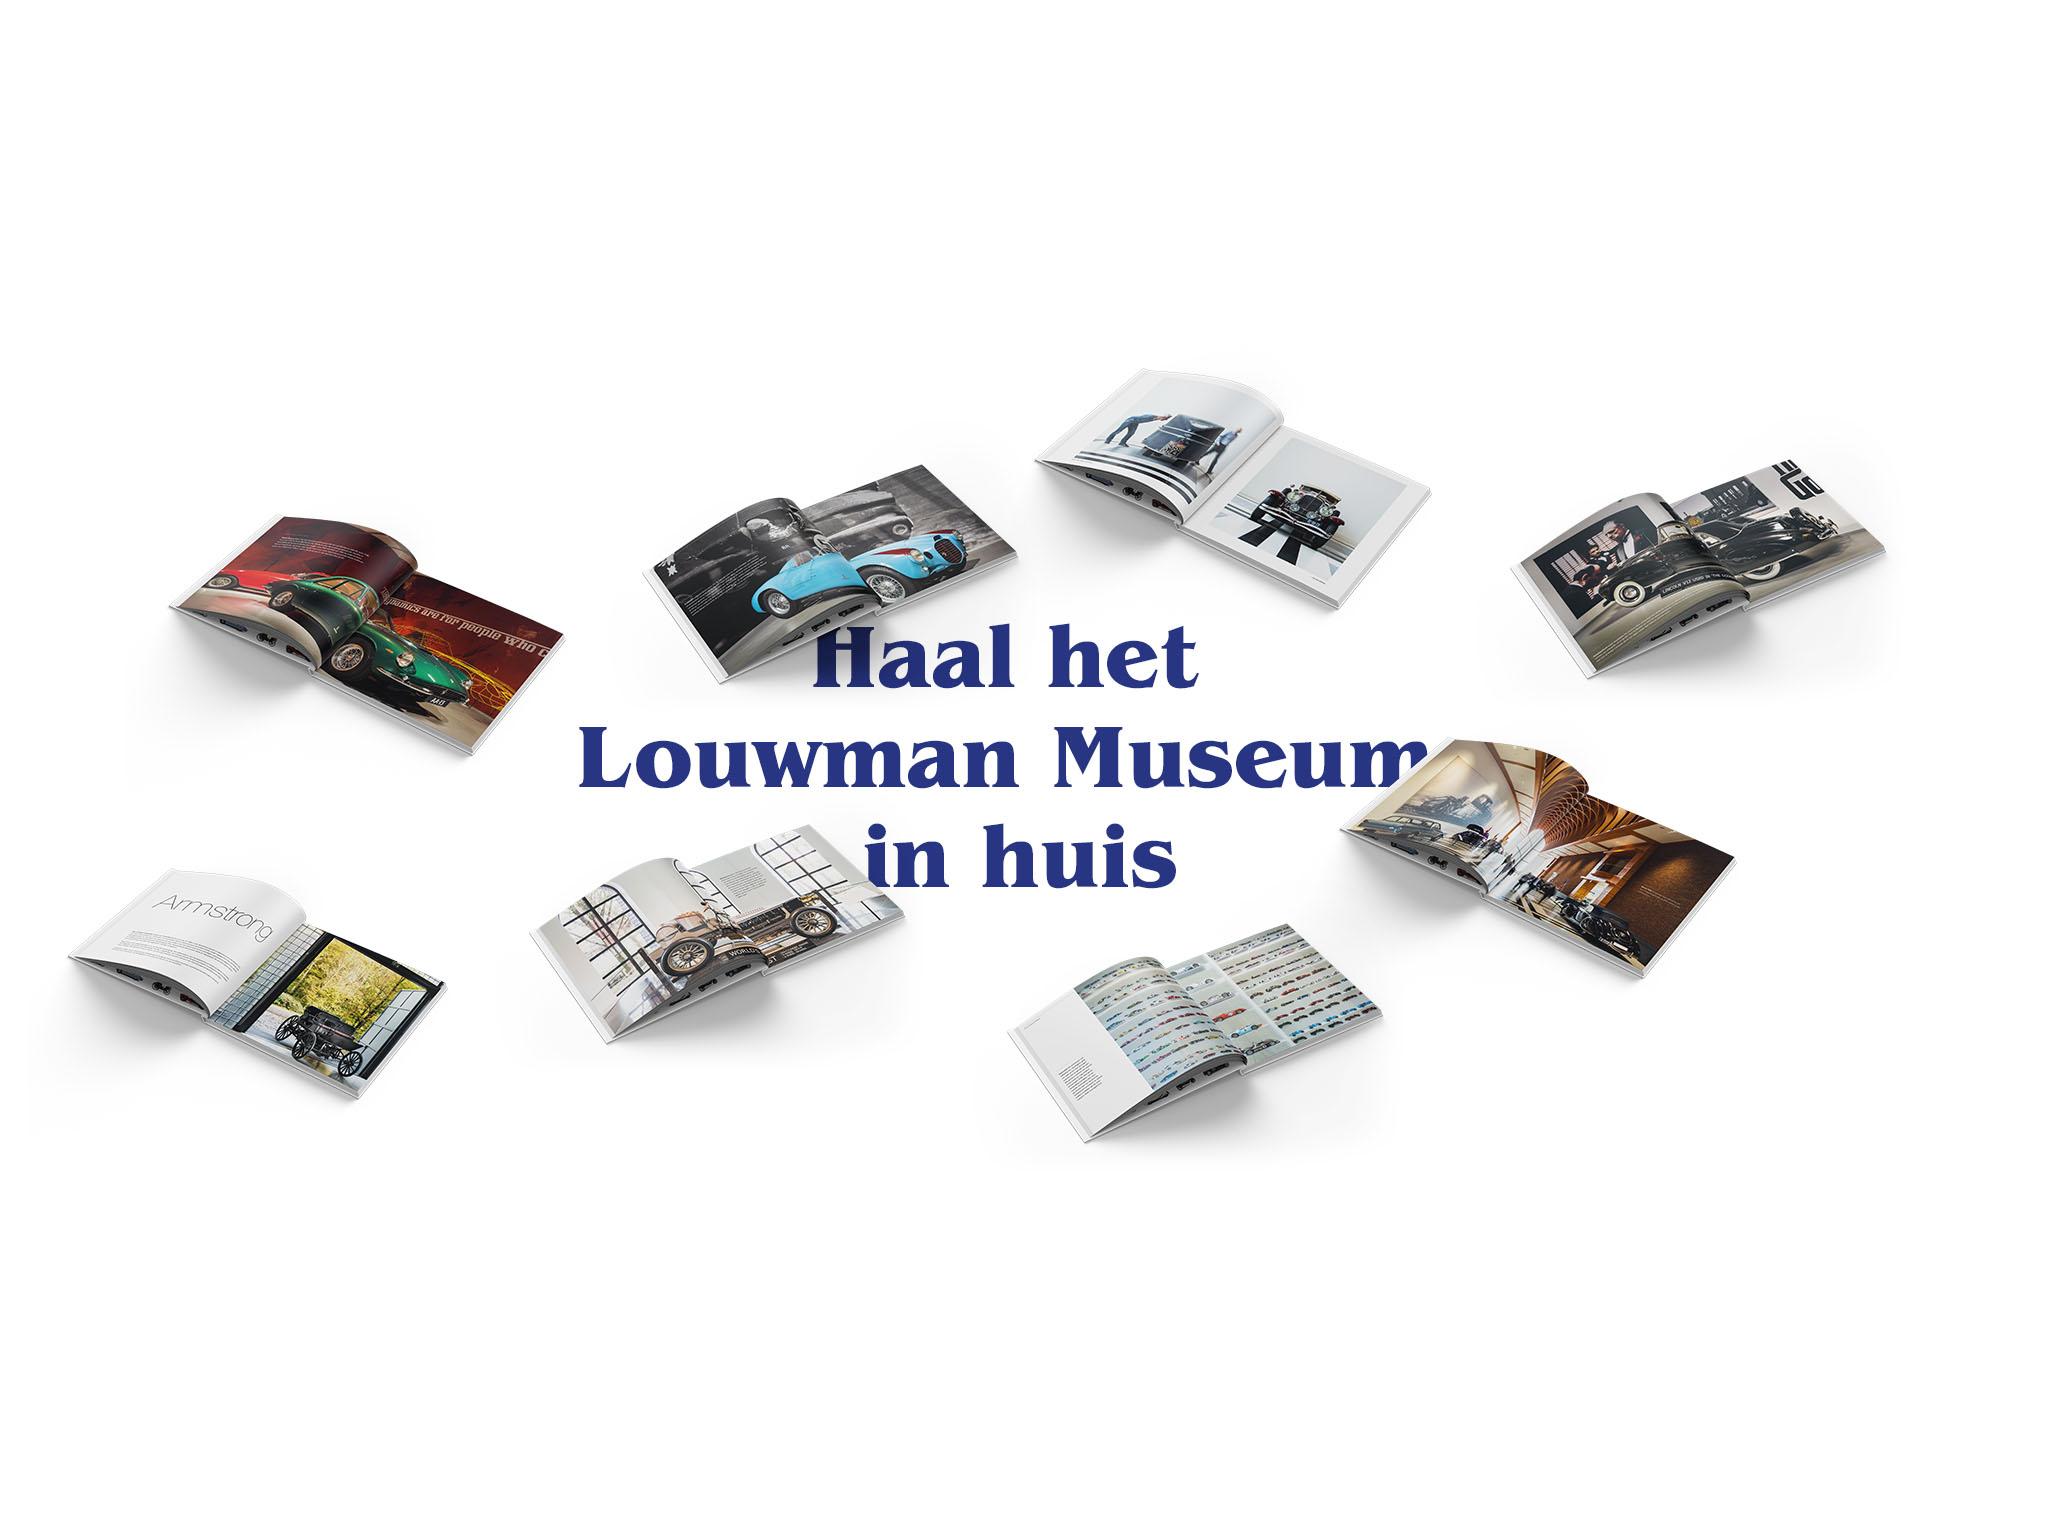 Haal het Louwman Museum in huis